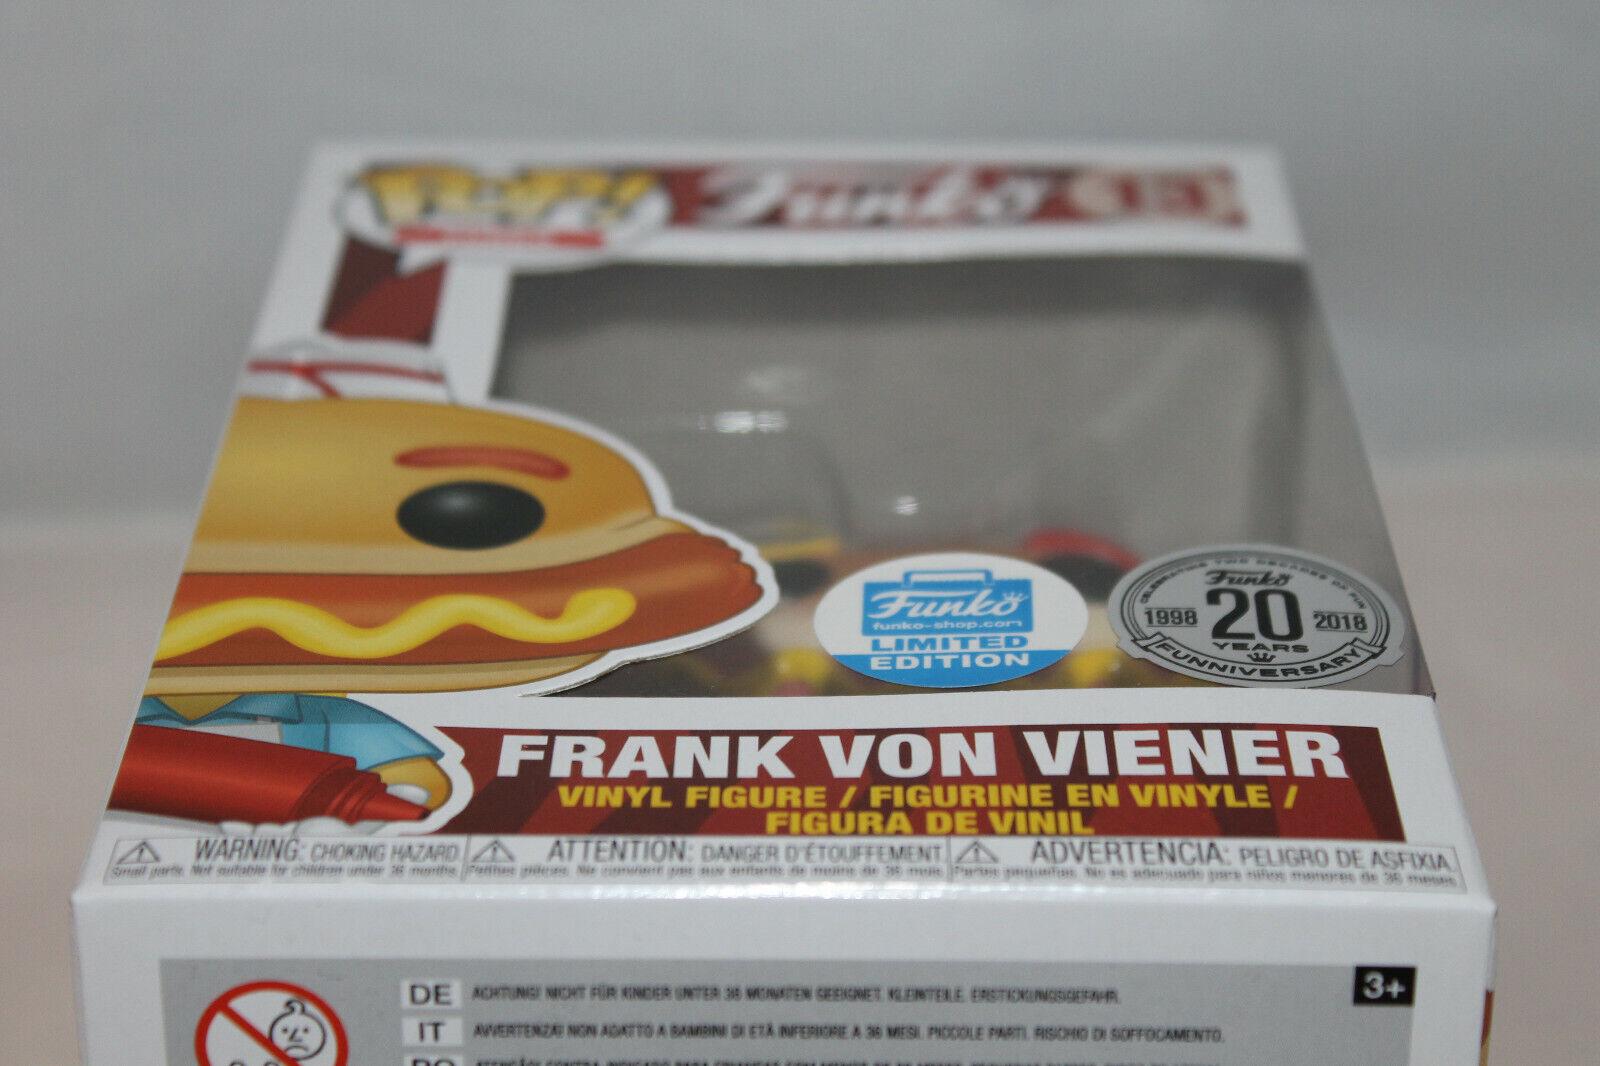 Funko Pop  Vinyl Figure - Funko Frank - Von Viener - Frank Funko Shop Exclusive 0ce7e8